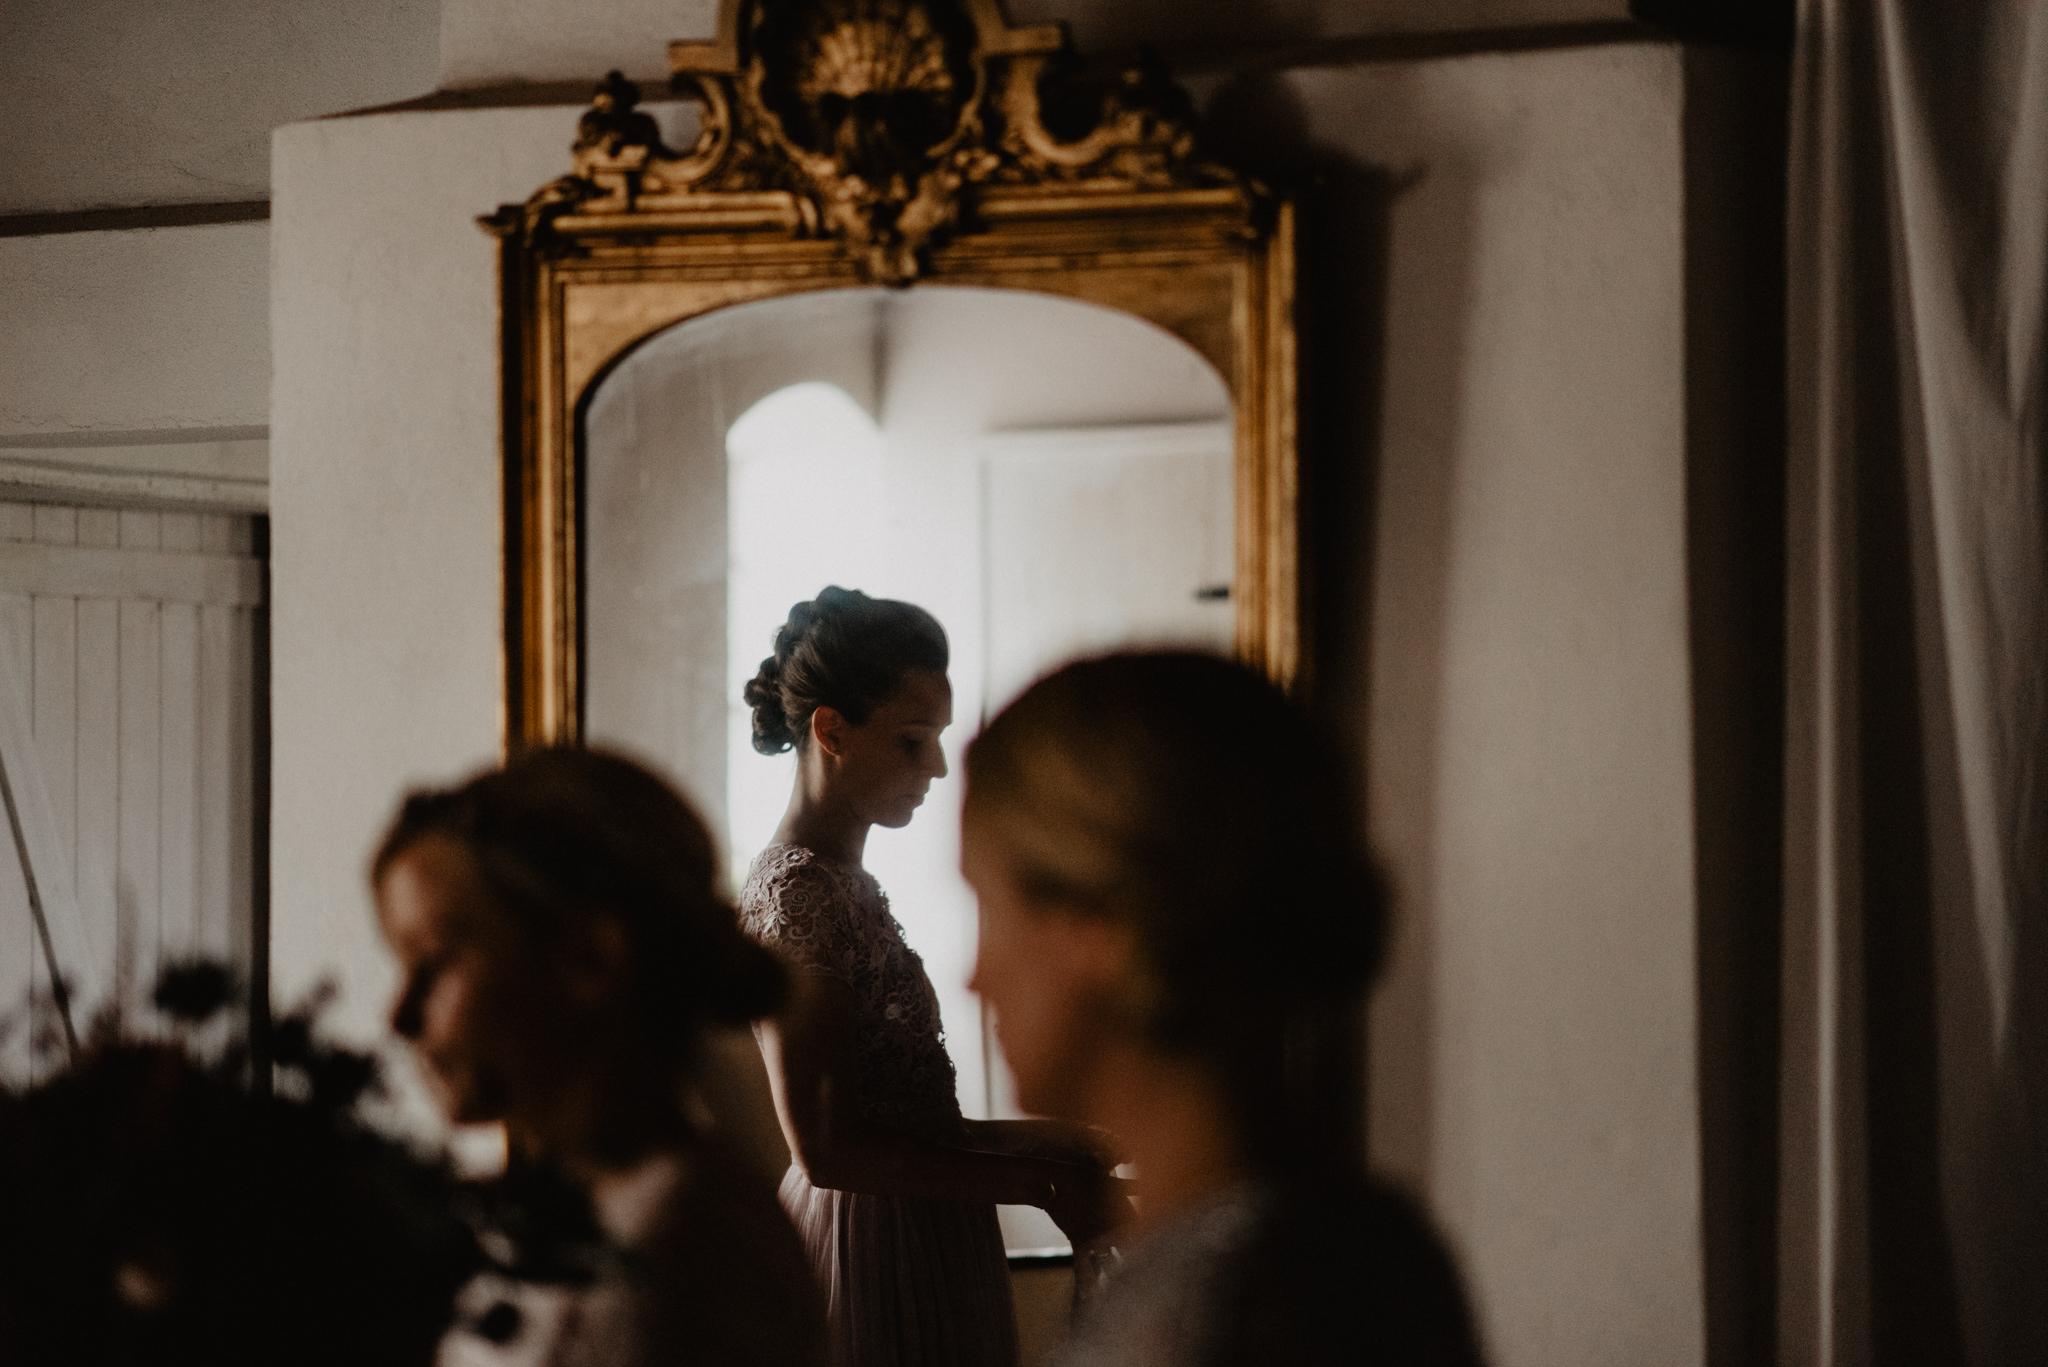 bröllopsfotografering-tips-förberedelser-bröllopsfotograf-skåne-aase-pouline.jpg